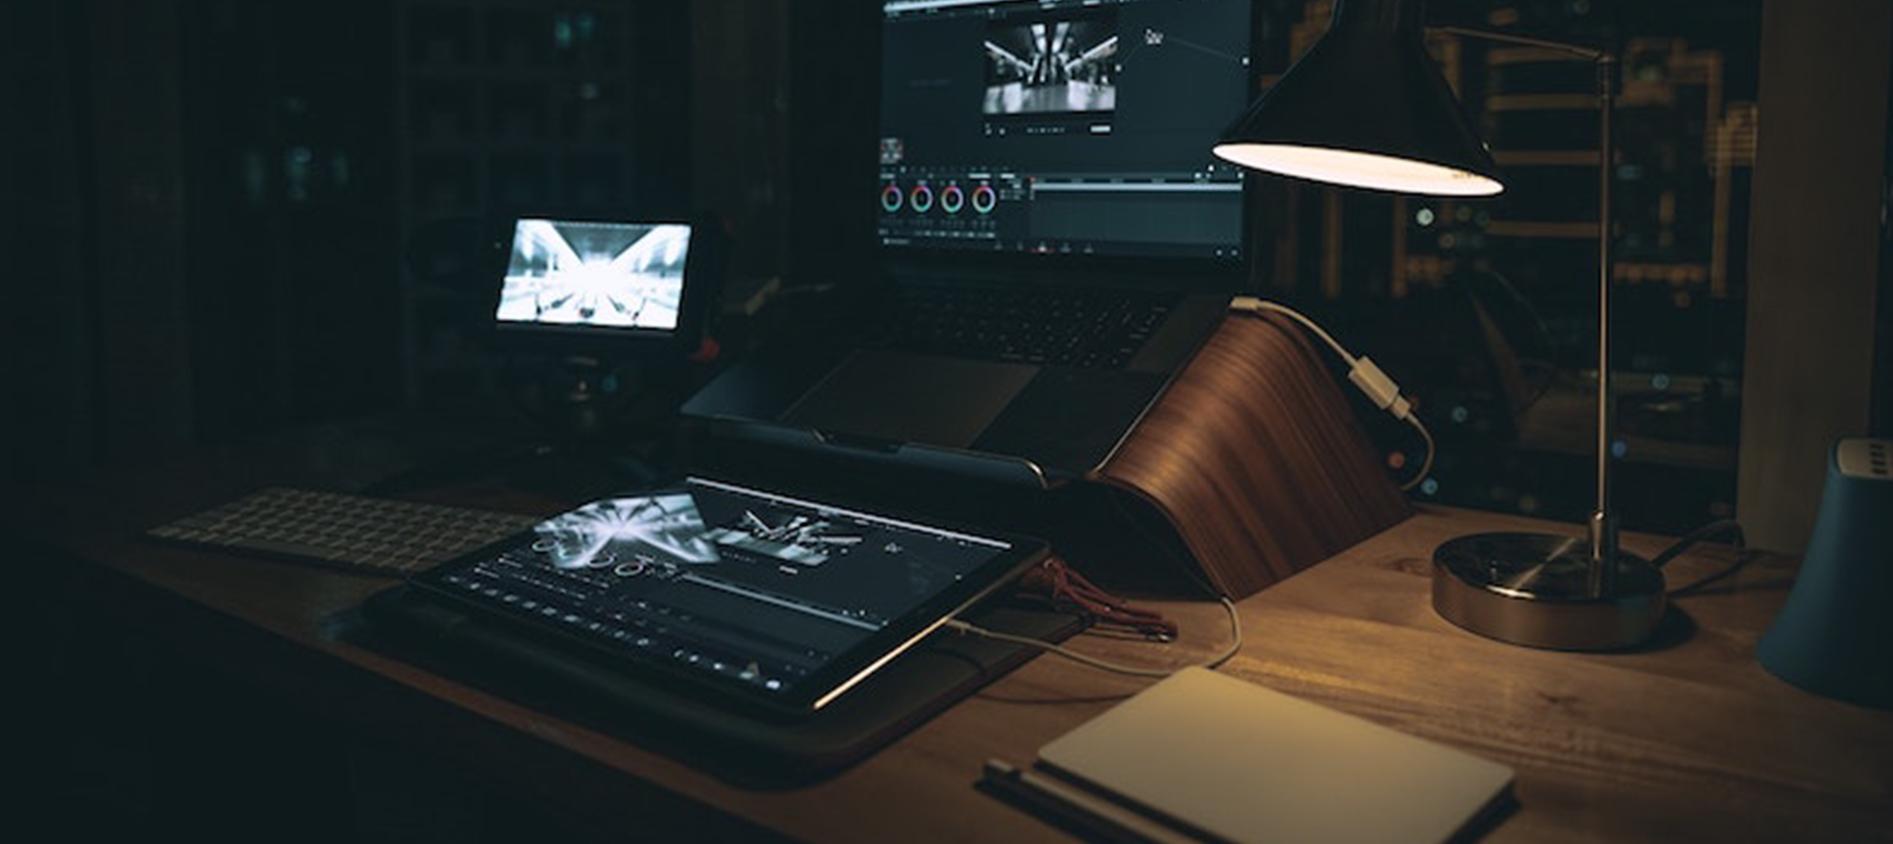 kanne jeg feste opp meg Mac mini å meg iMac